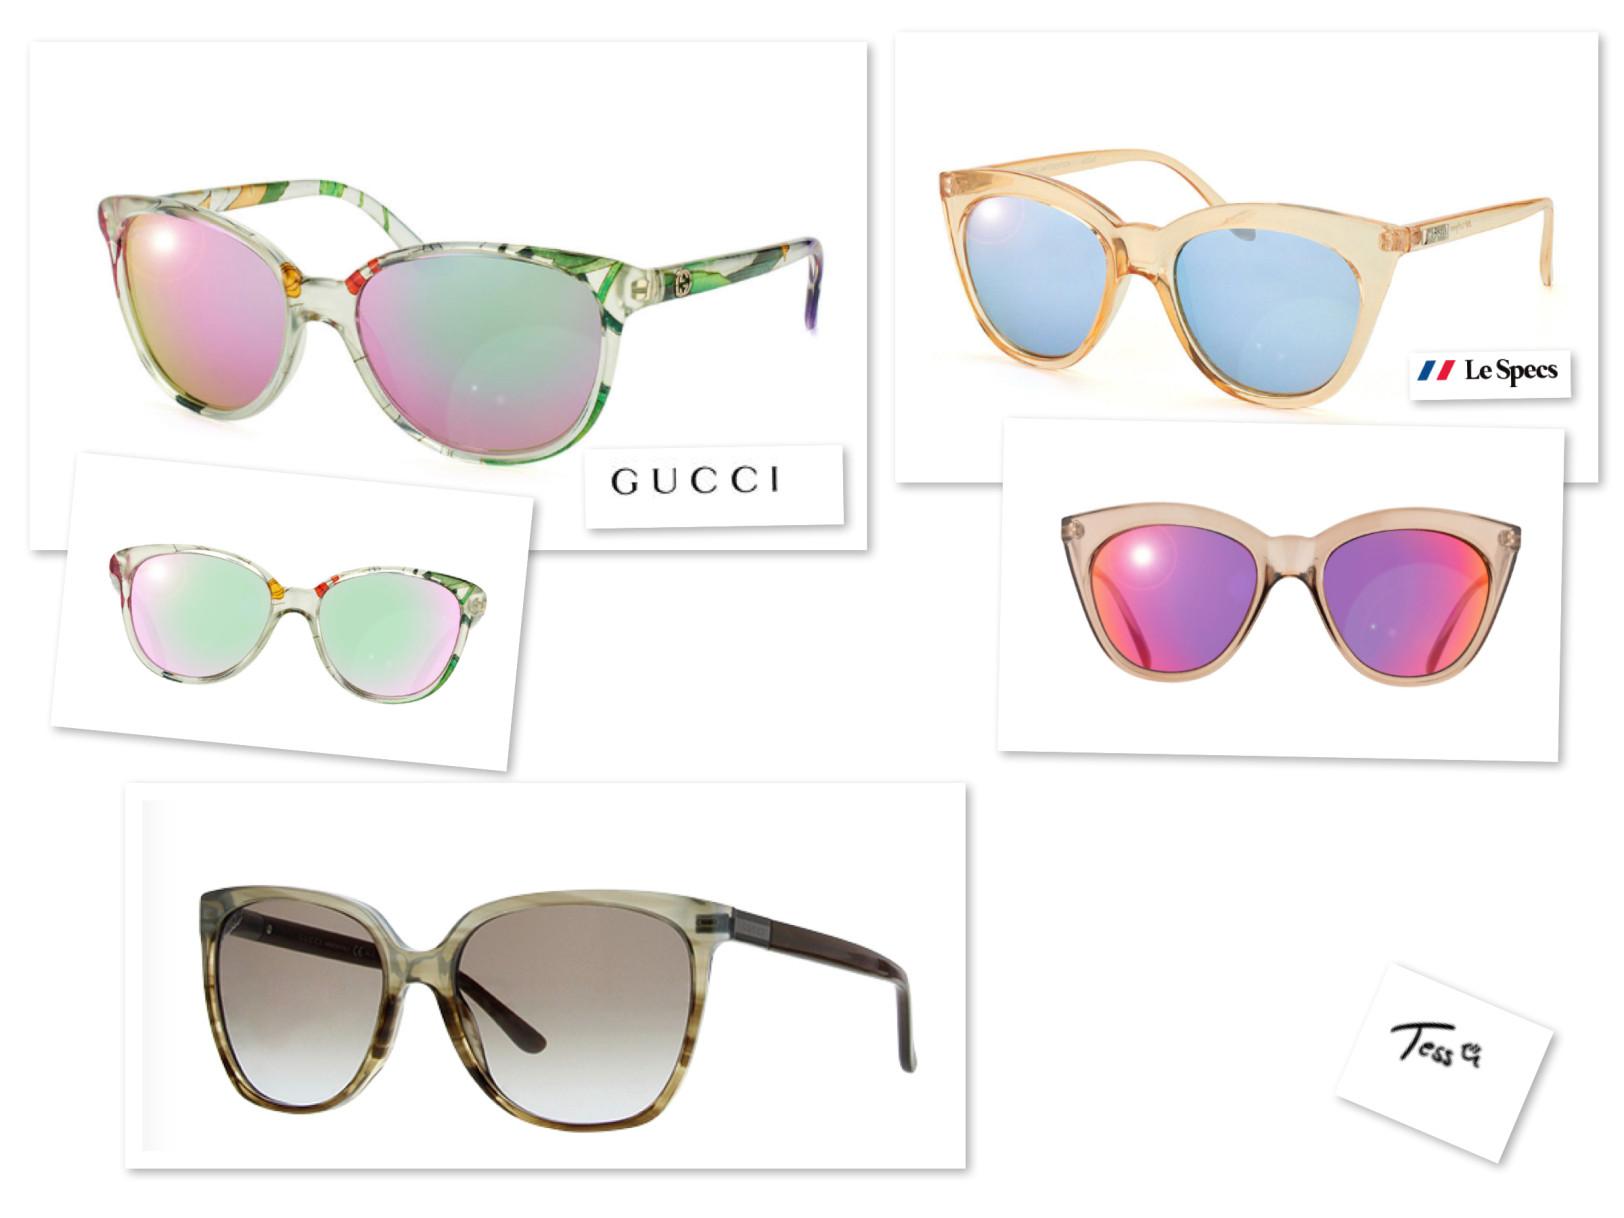 """Funderar på någon av dessa  Dock är nedersta Gucci inte spegelglas men klar  kandidat för """"vanliga"""" stilrena glasögon. ad200fb1aa452"""